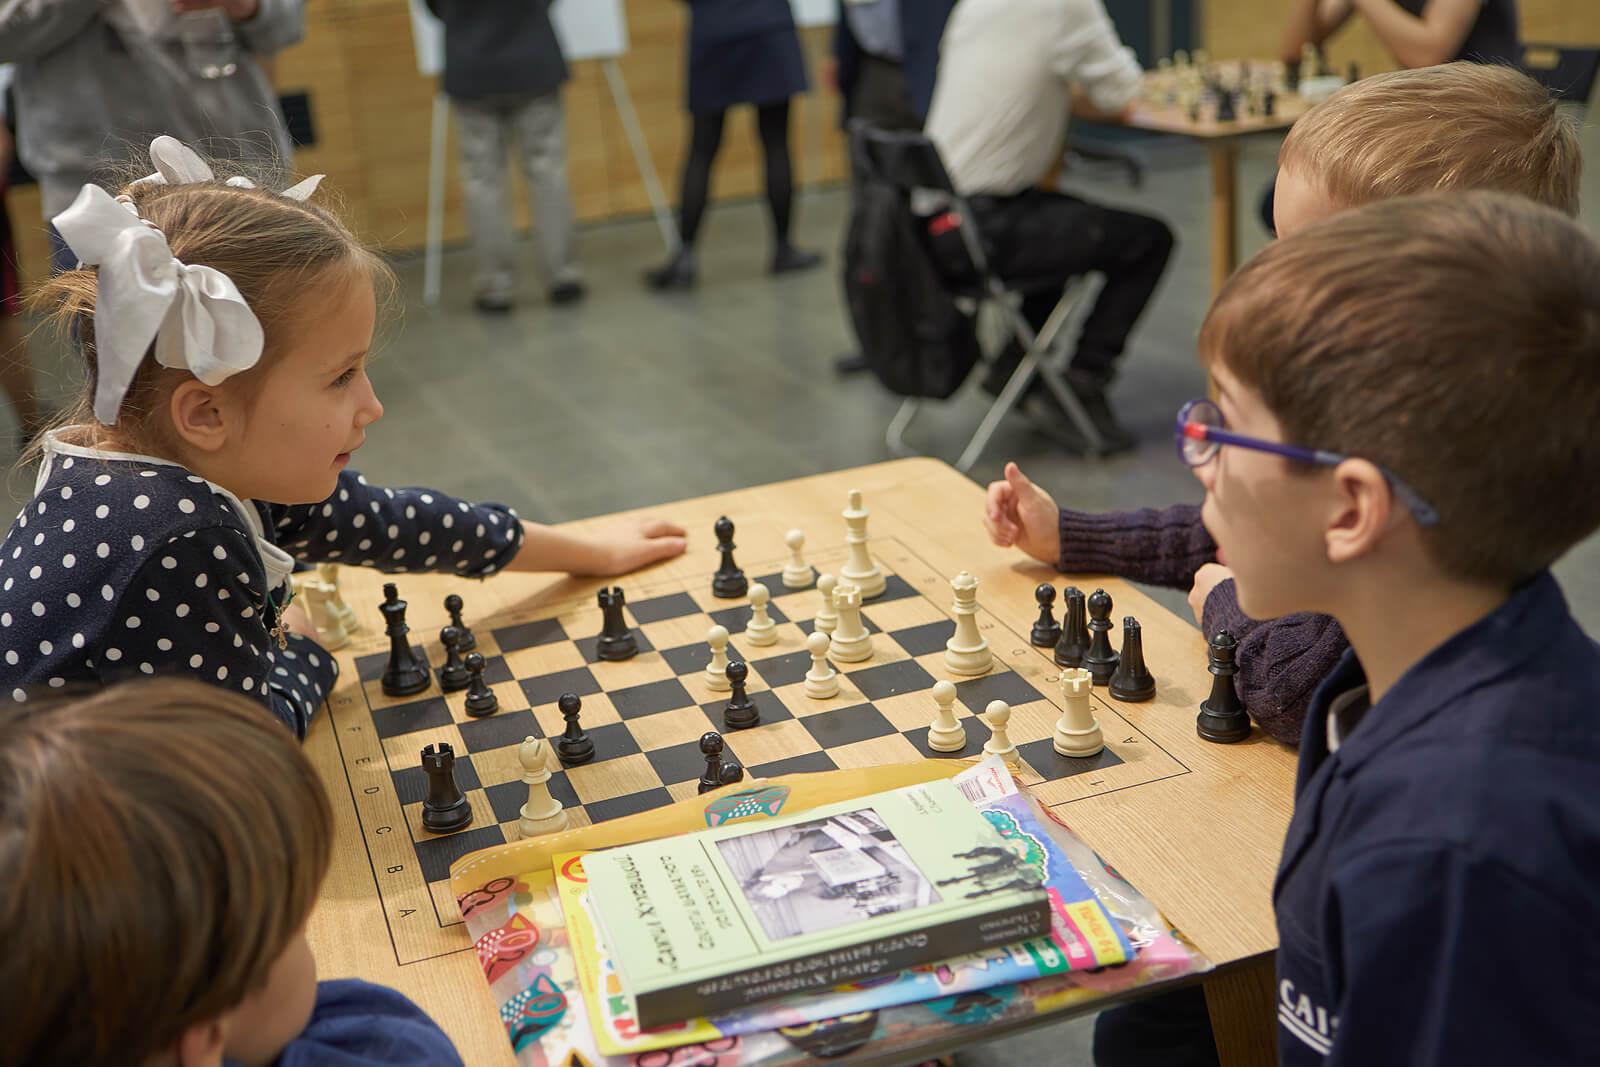 Niño jugando al ajedrez aprendiendo qué es la competitividad sana.